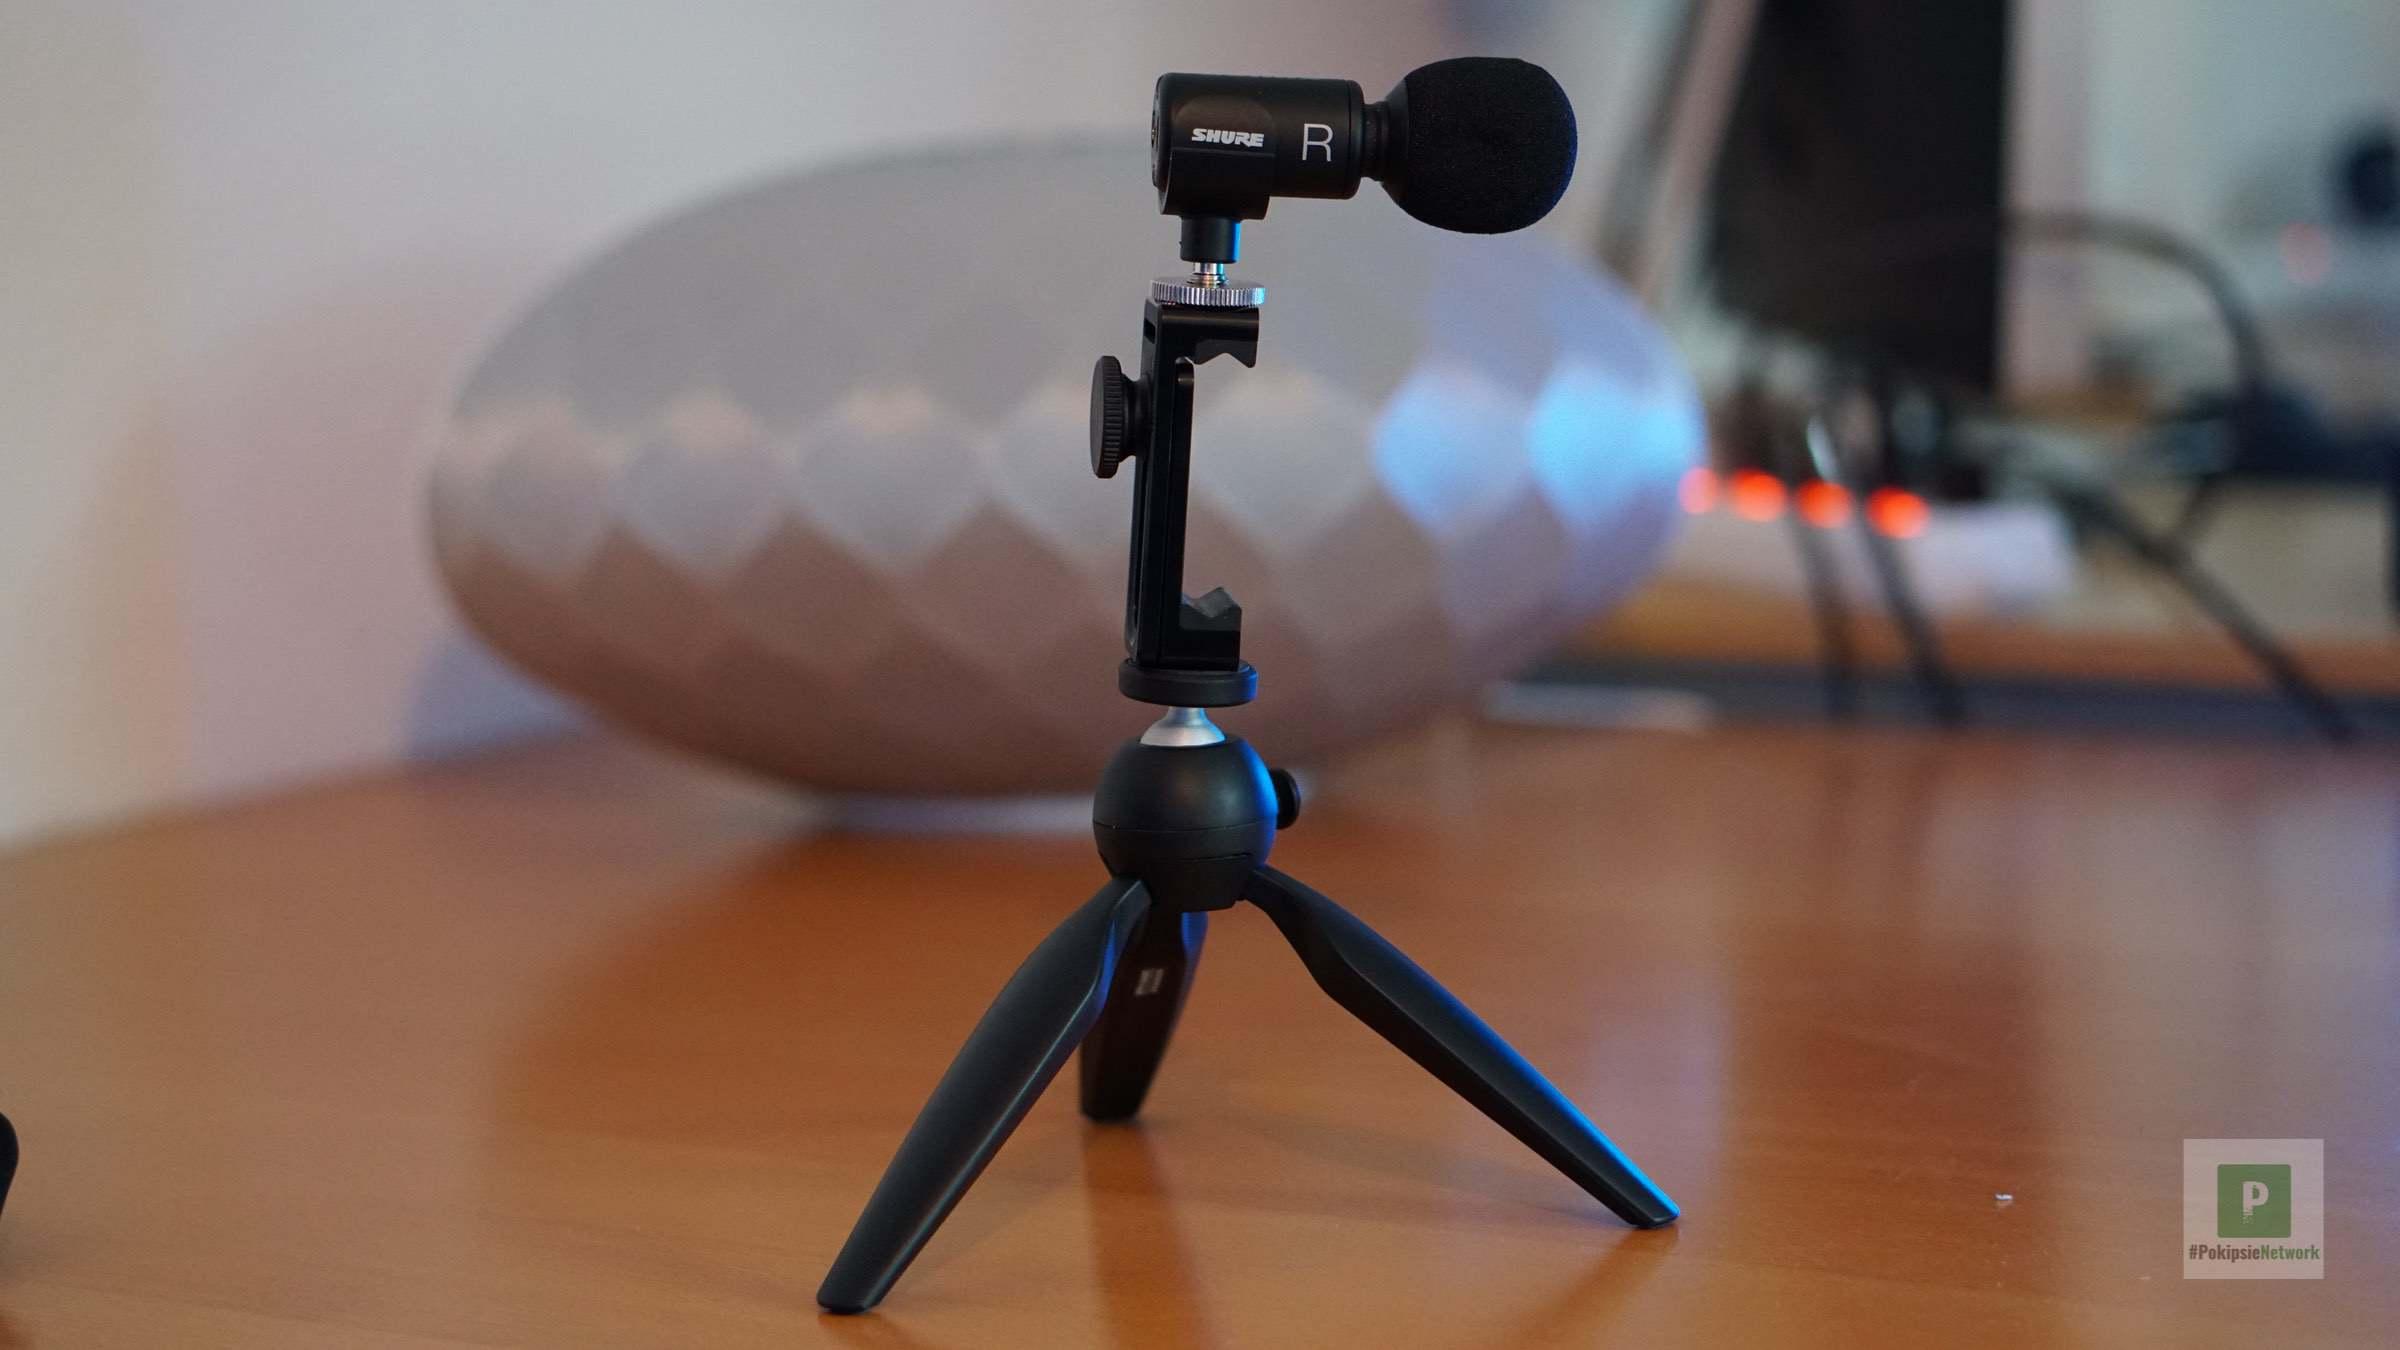 Das Mikrofon auf dem Ständer